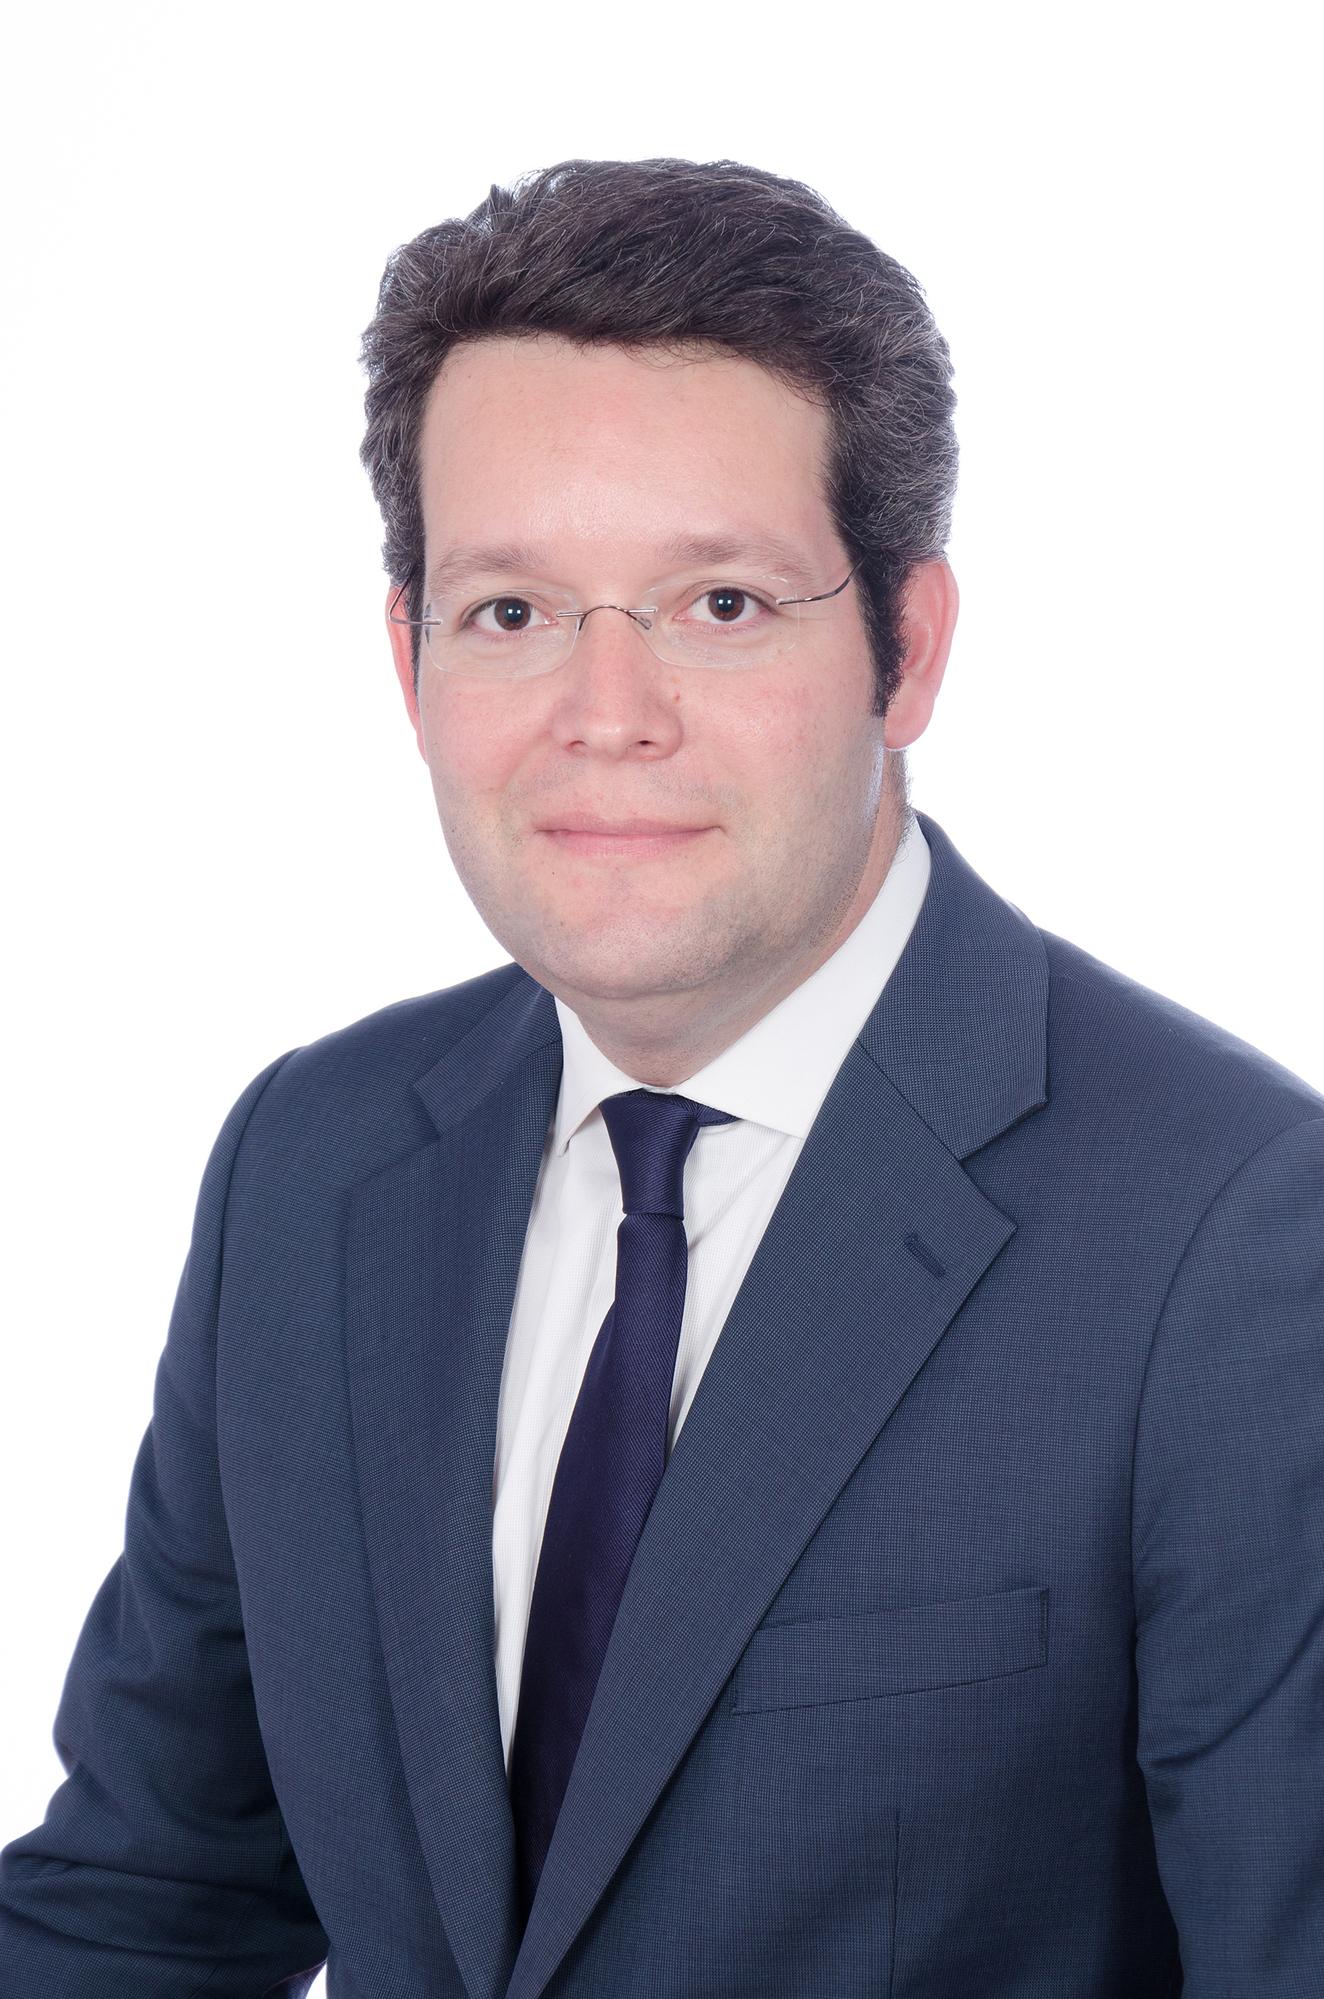 Eduardo Prieto de Porras